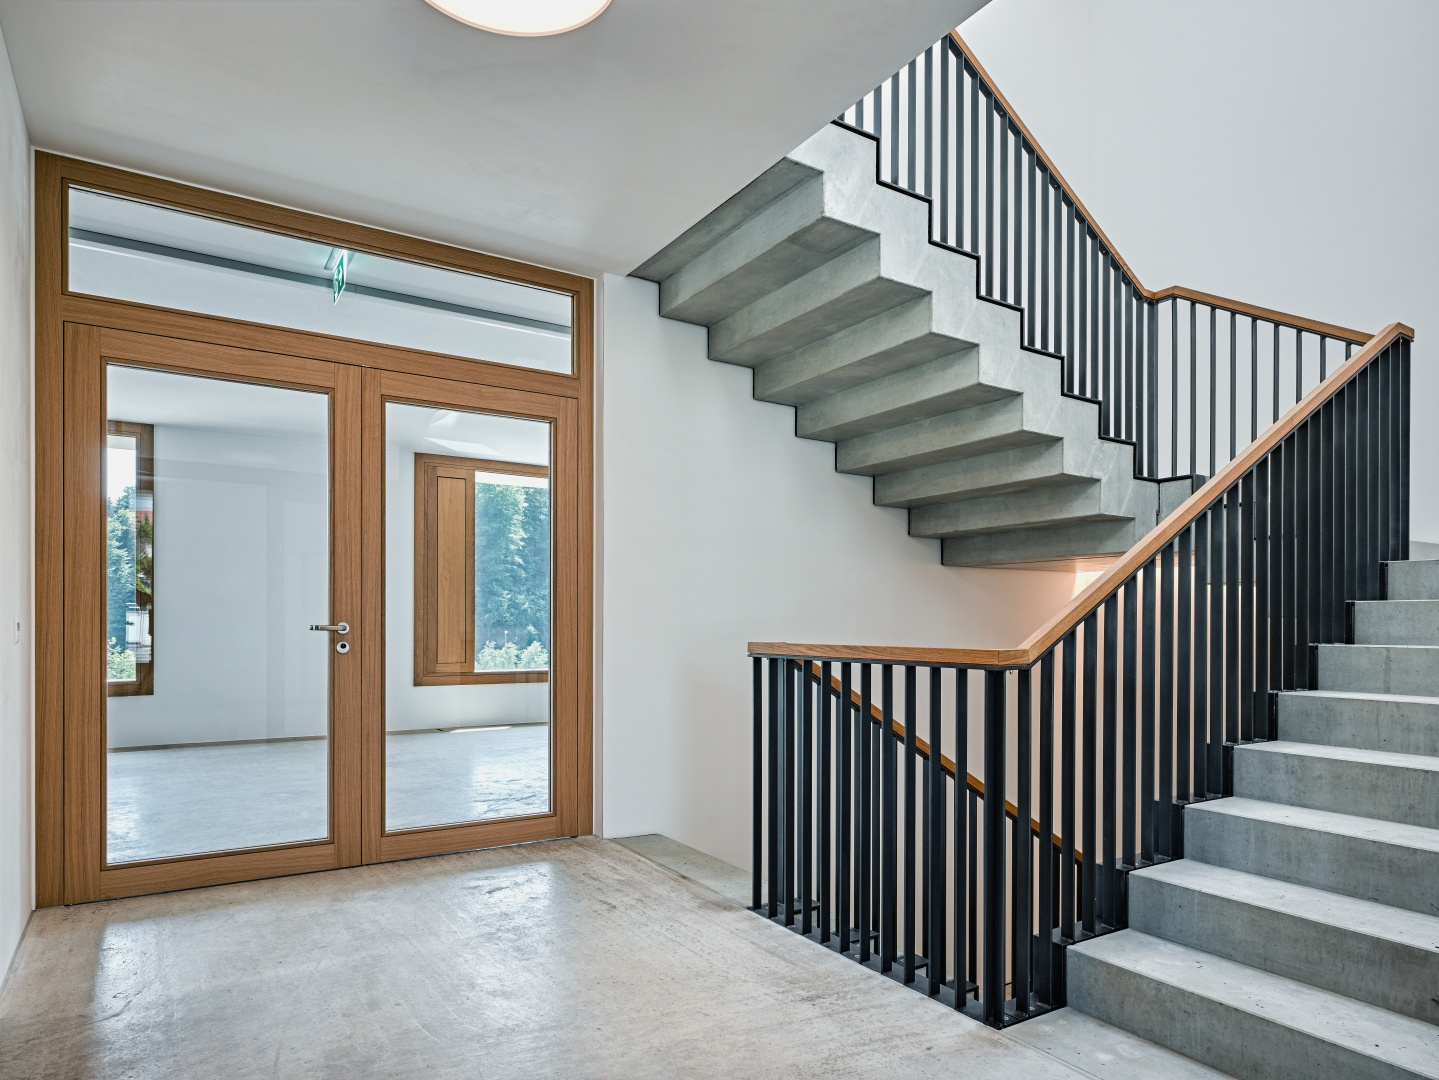 Treppenhaus aus rohem Beton mit einem Geländer aus Stahl und einem Handlauf aus Eichenholz © Roger Frei